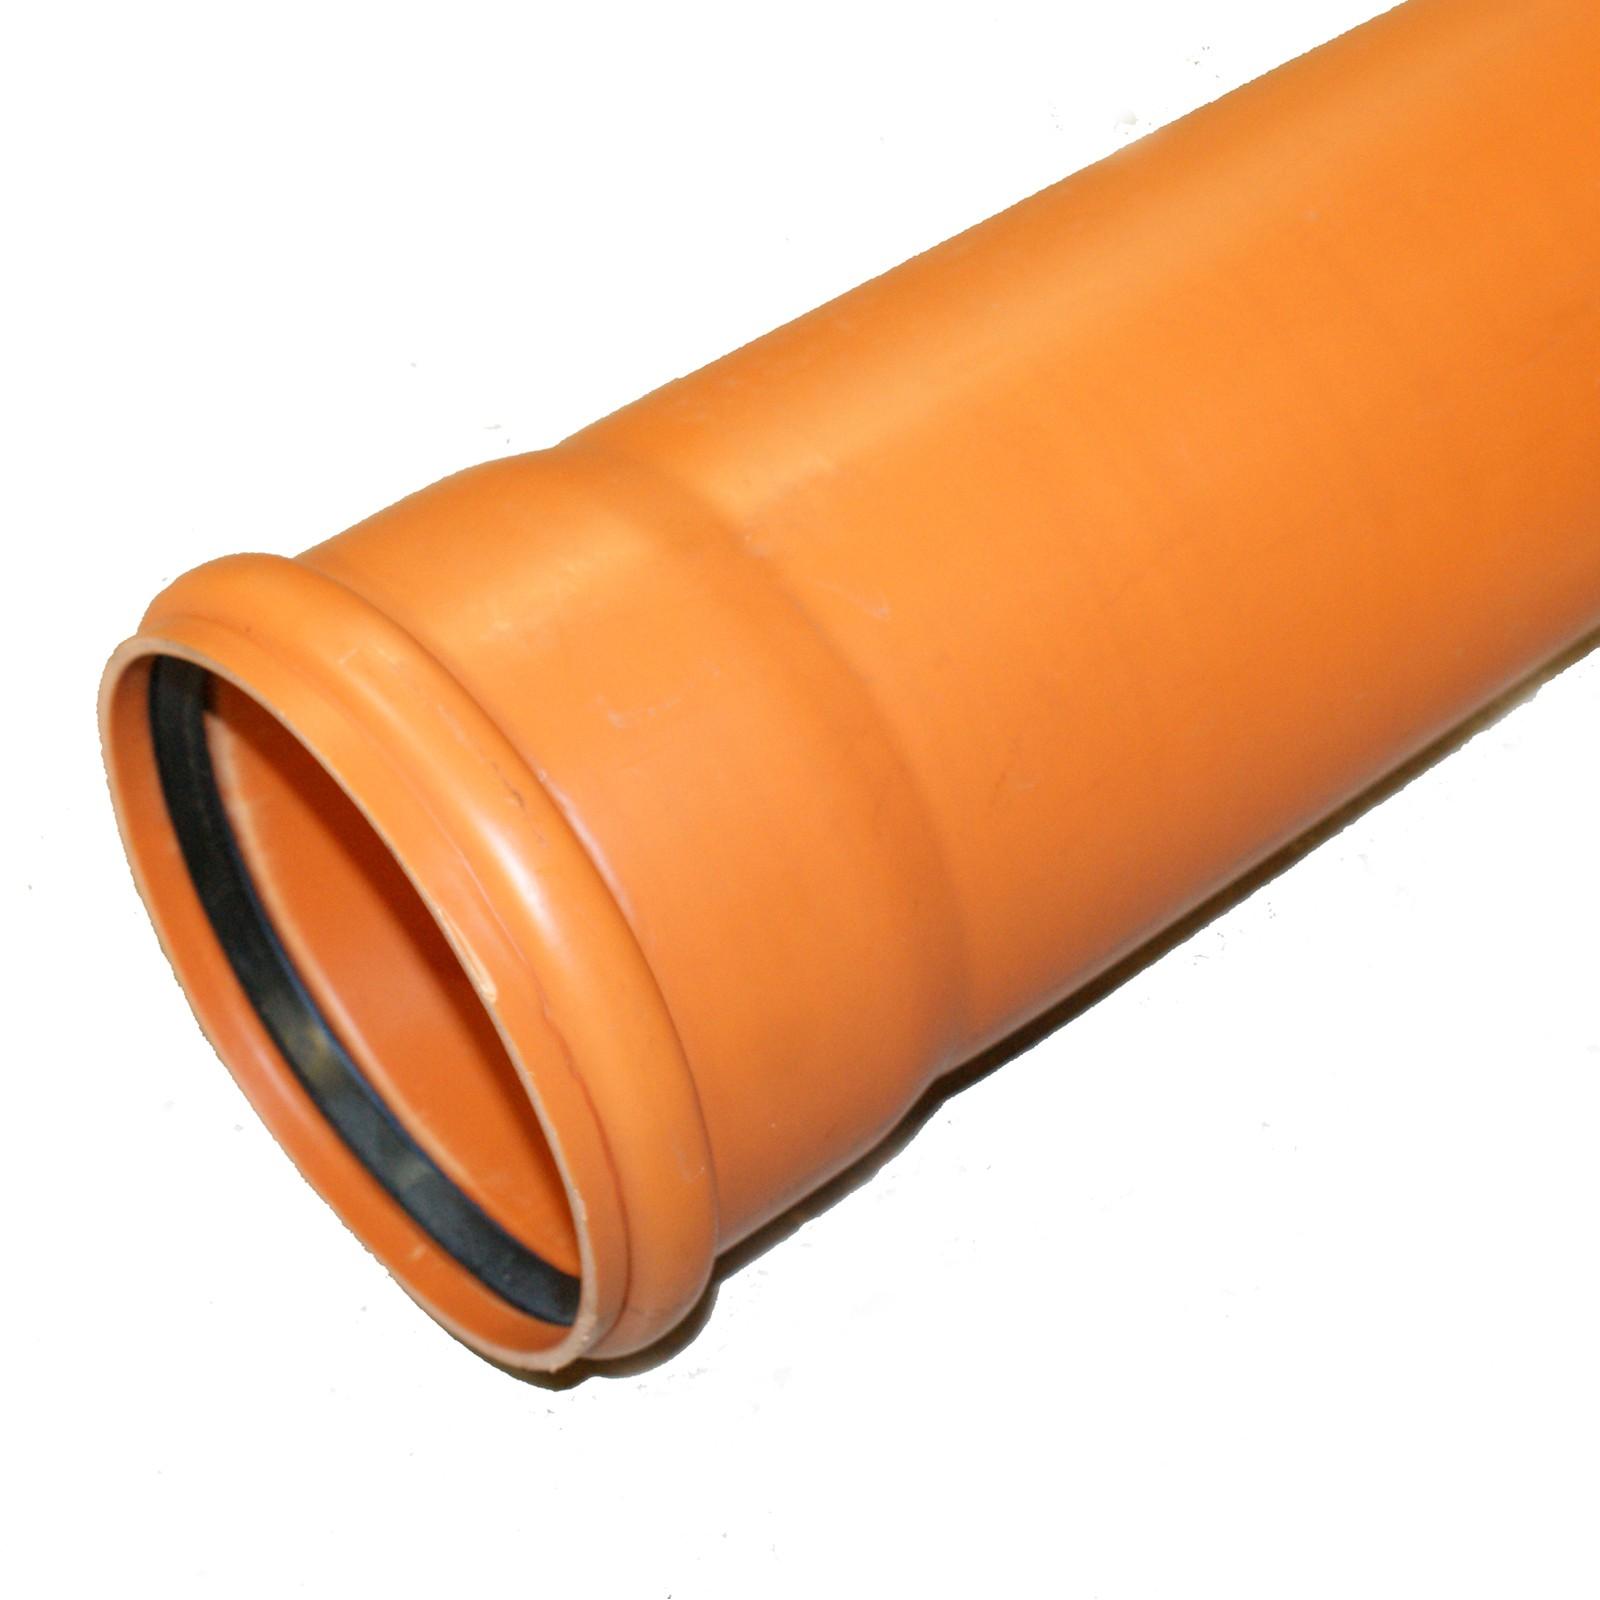 ostendorf kg rohr dn 200 mm 1000 mm 1 m kgem abwasserrohr kanalrohr